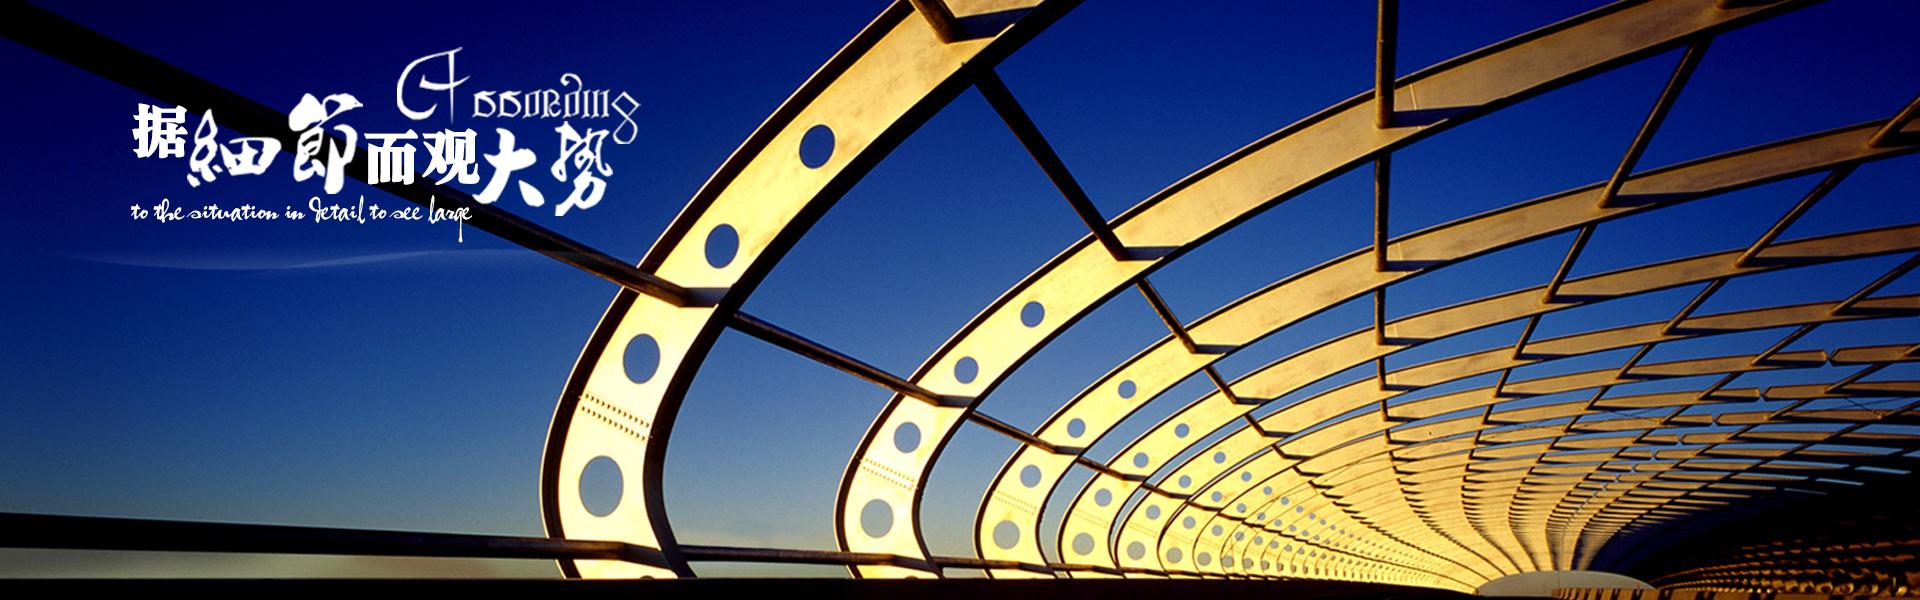 沈阳钢结构 沈阳彩钢板 沈阳楼承板 沈阳钢结构厂房 沈阳岩棉复合板